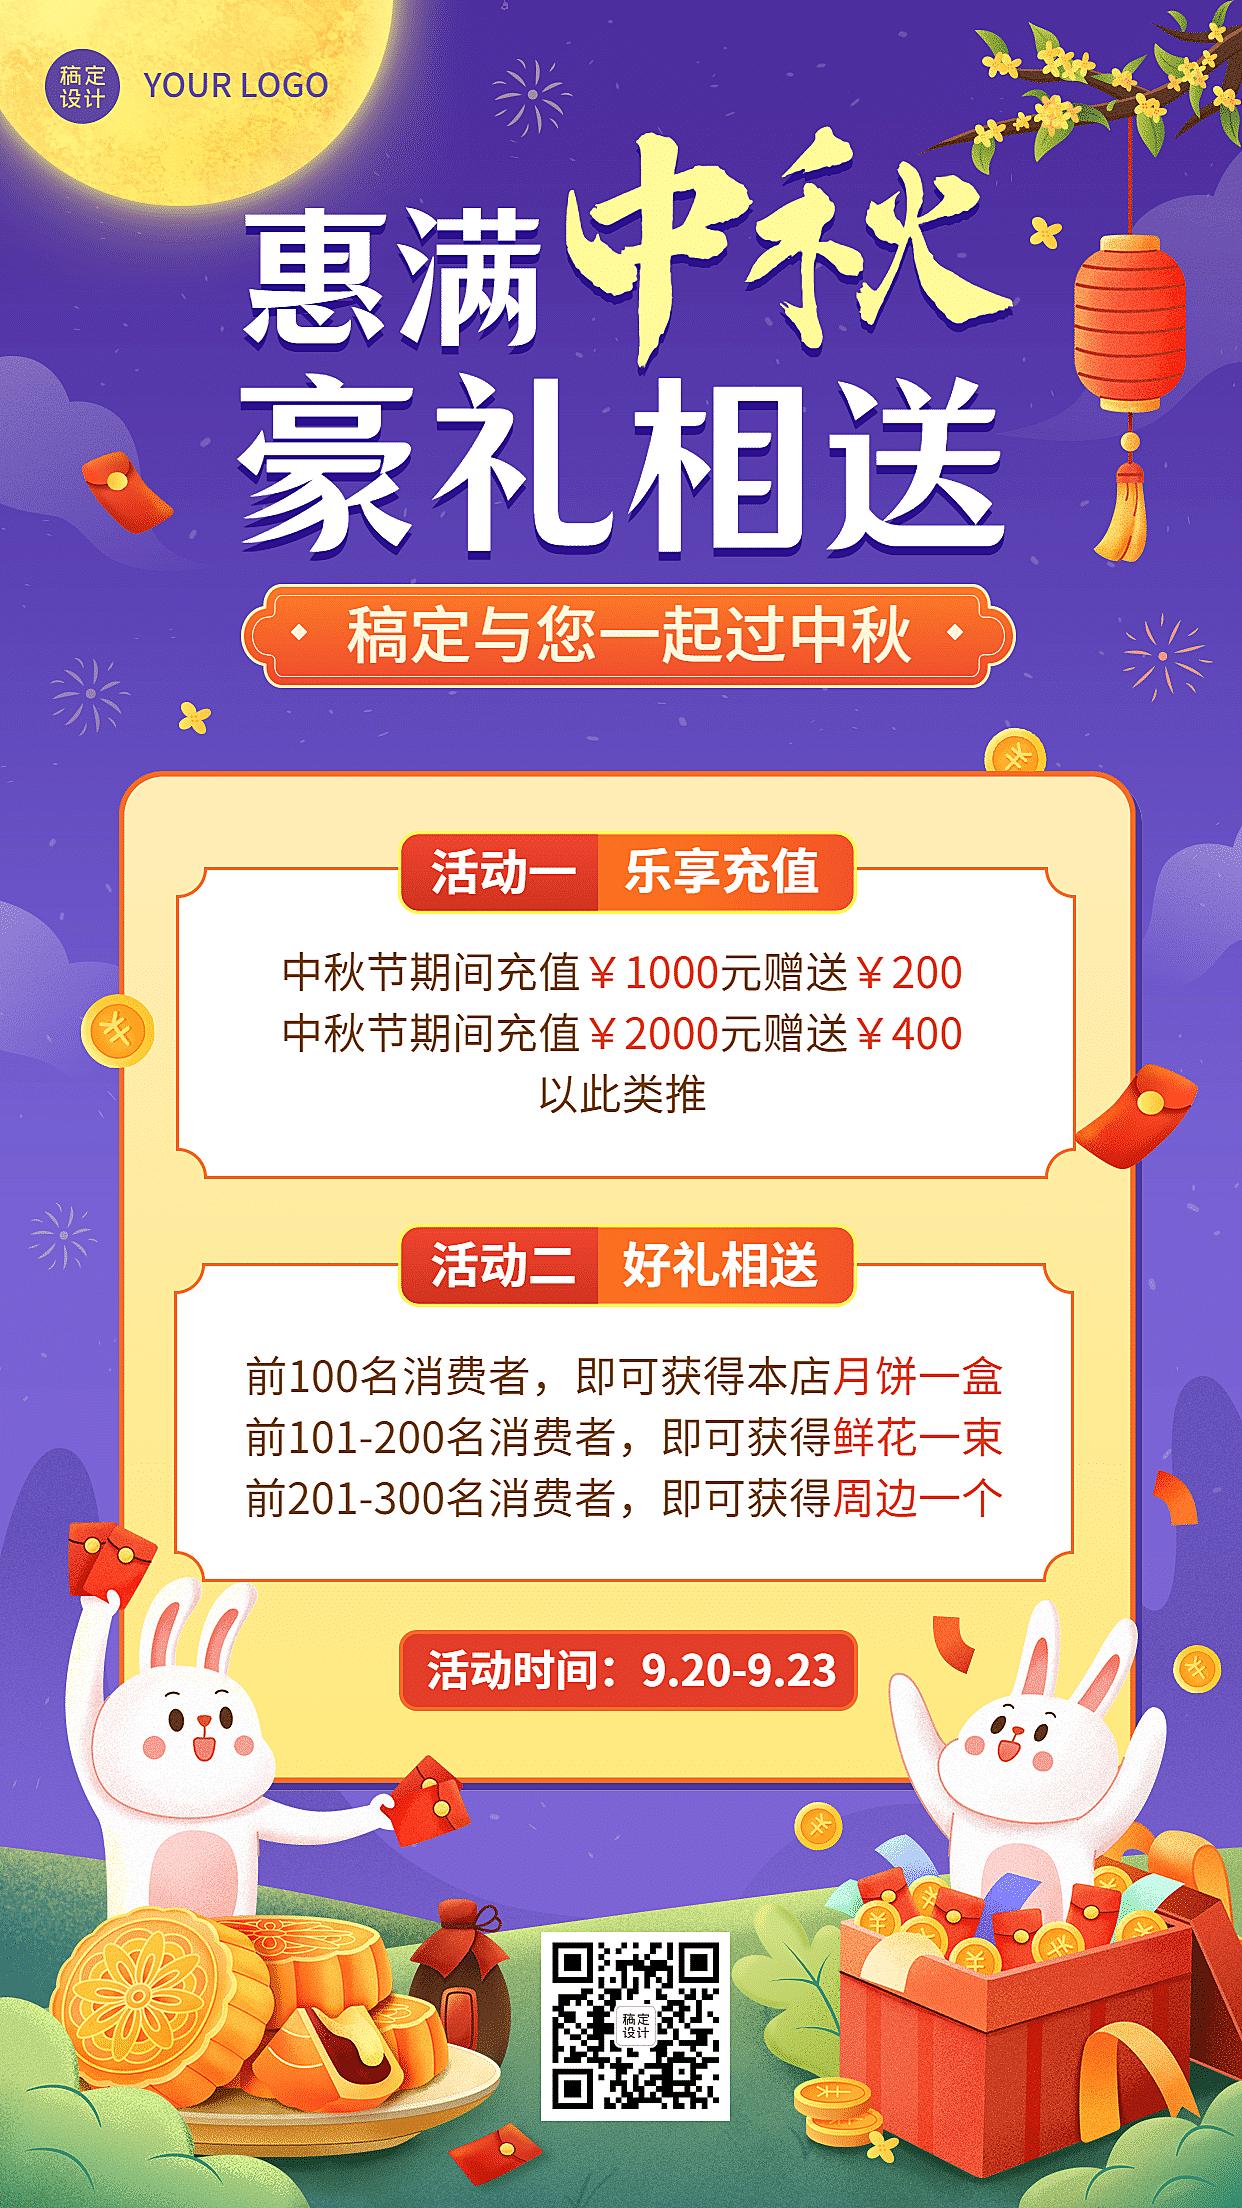 中秋节好礼营销活动剪纸手机海报